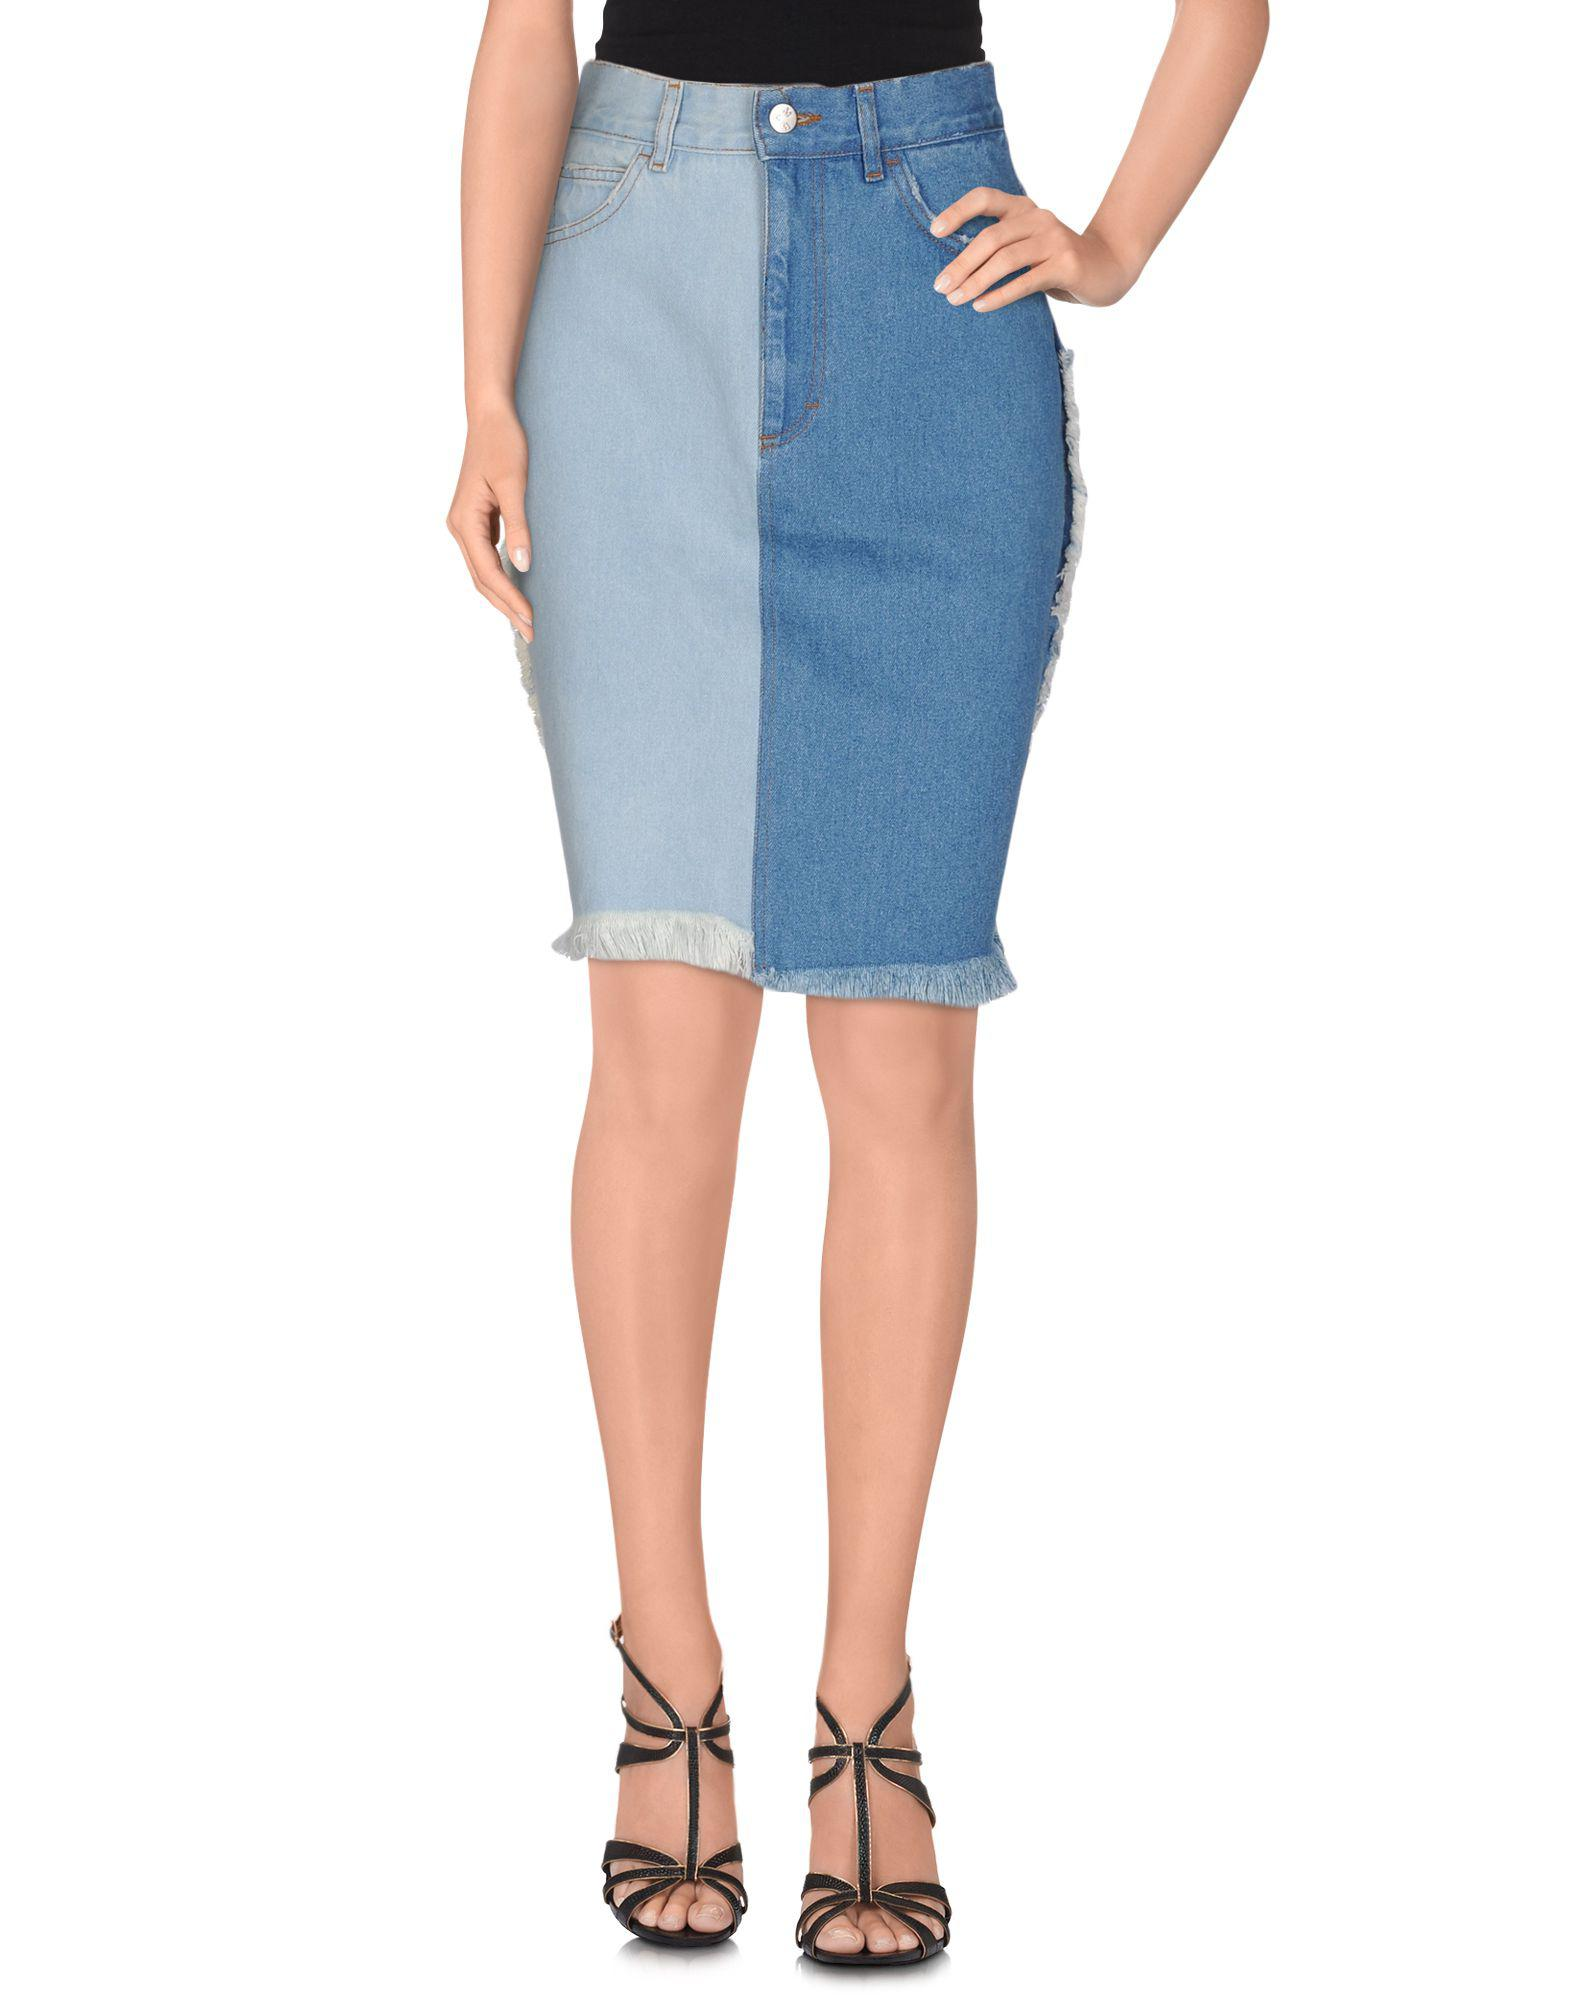 3d73fe2664 M I S B H V Denim Skirt in Blue - Lyst